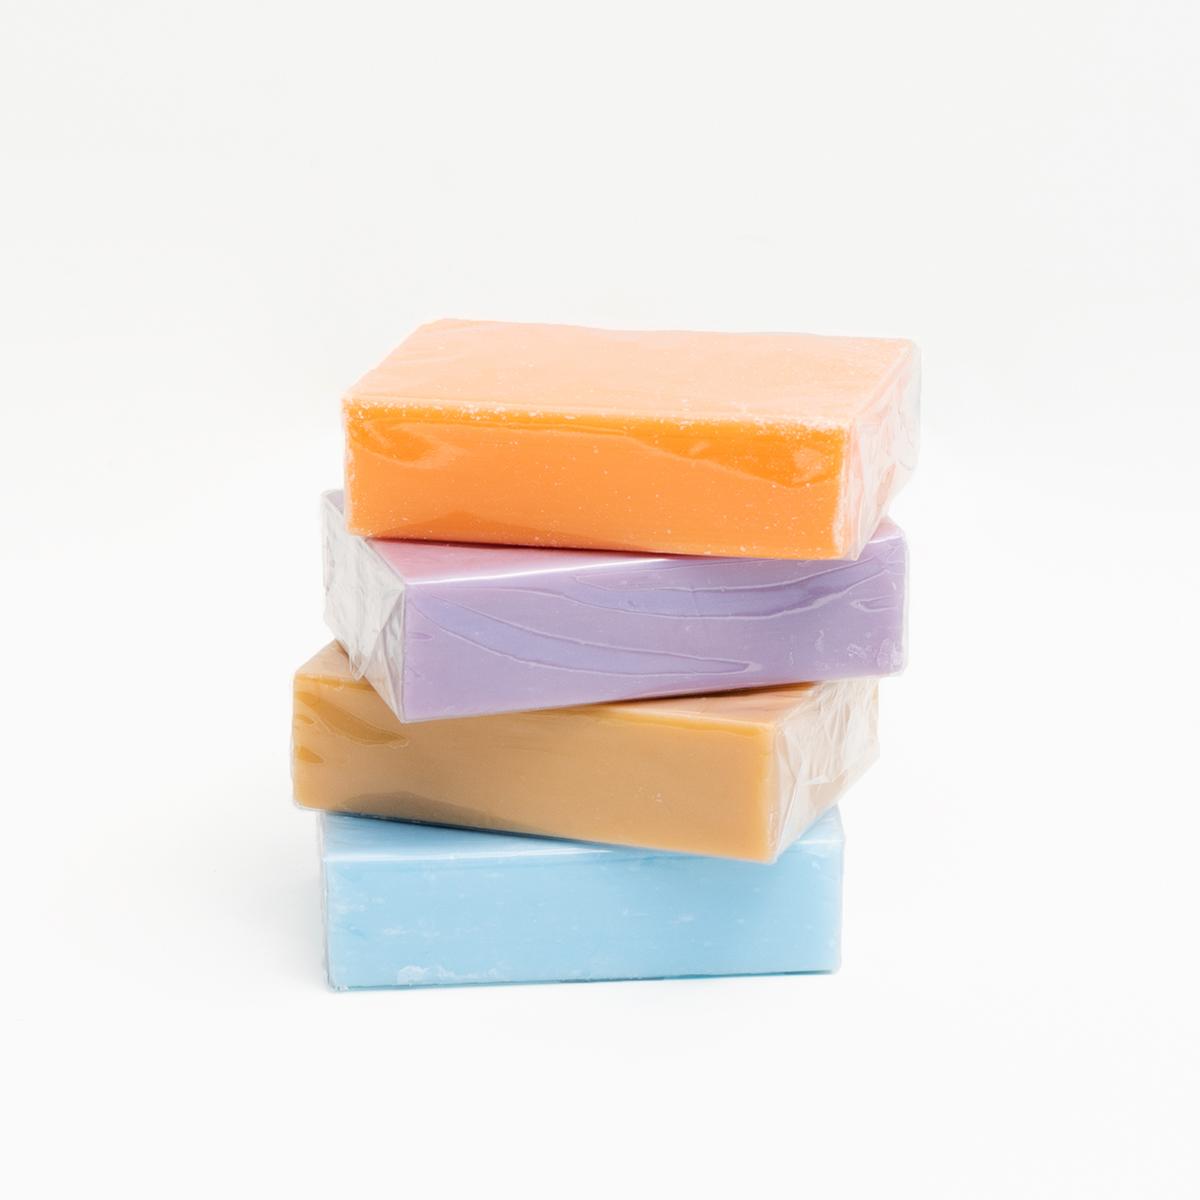 Χειροποίητο Σαπούνι Ελιάς | Άρωμα Πορτοκαλιού 100g | BiCare